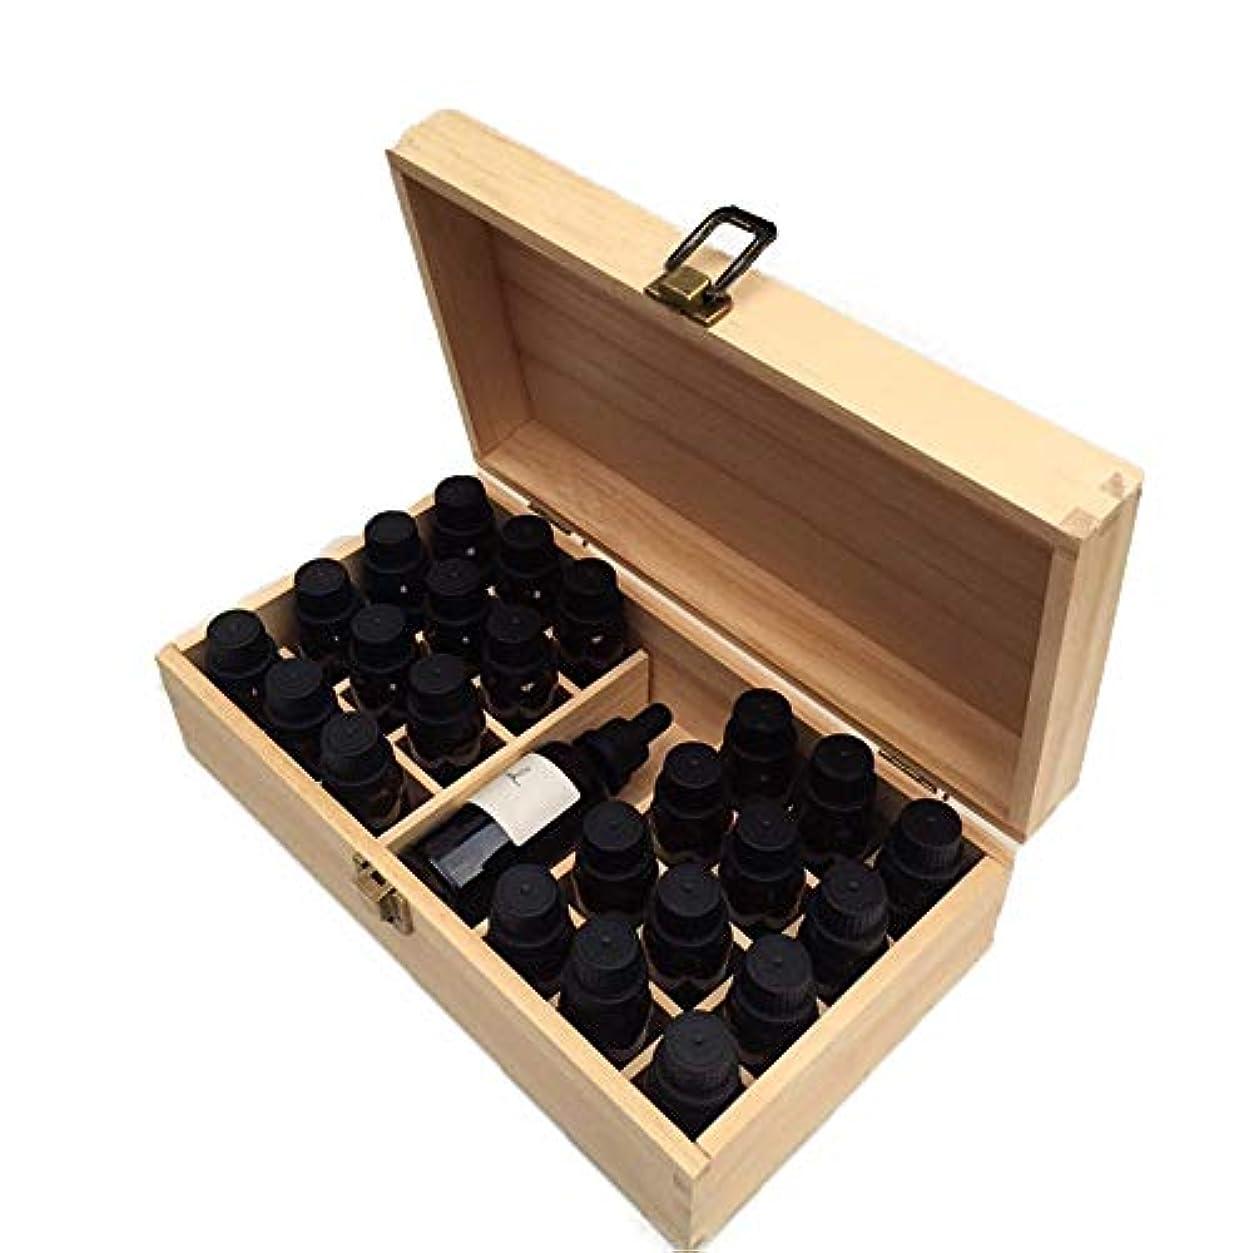 逆にシャックル振動させるストレージボックスでは、安全に油を維持するためのベストハンドル25のボトル木製のエッセンシャルオイル アロマセラピー製品 (色 : Natural, サイズ : 27X15X9CM)